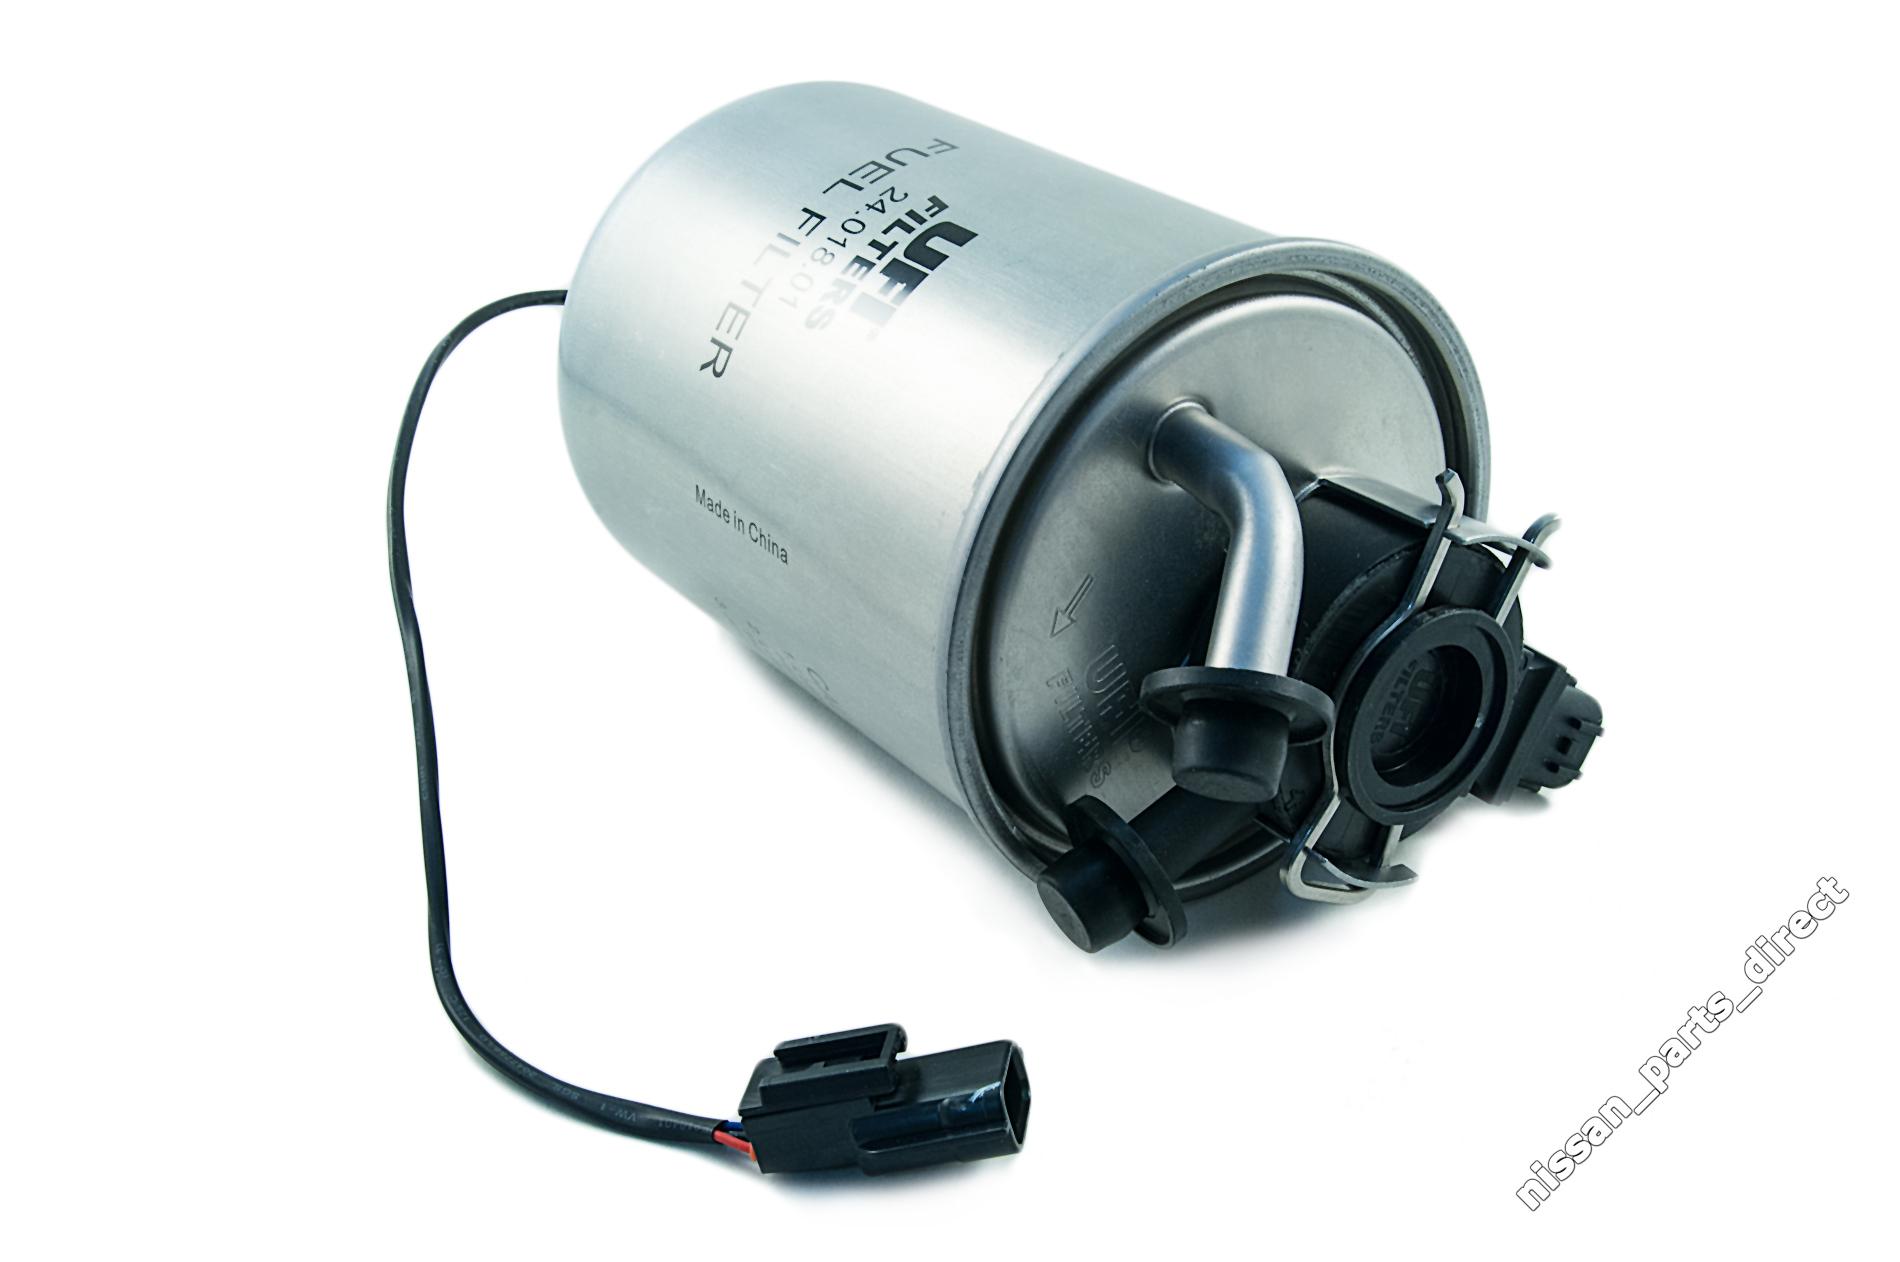 94 Nissan Quest Fuel Filter Wiring Library Genuine Navara Strainer Engine Filtration 164005x21b